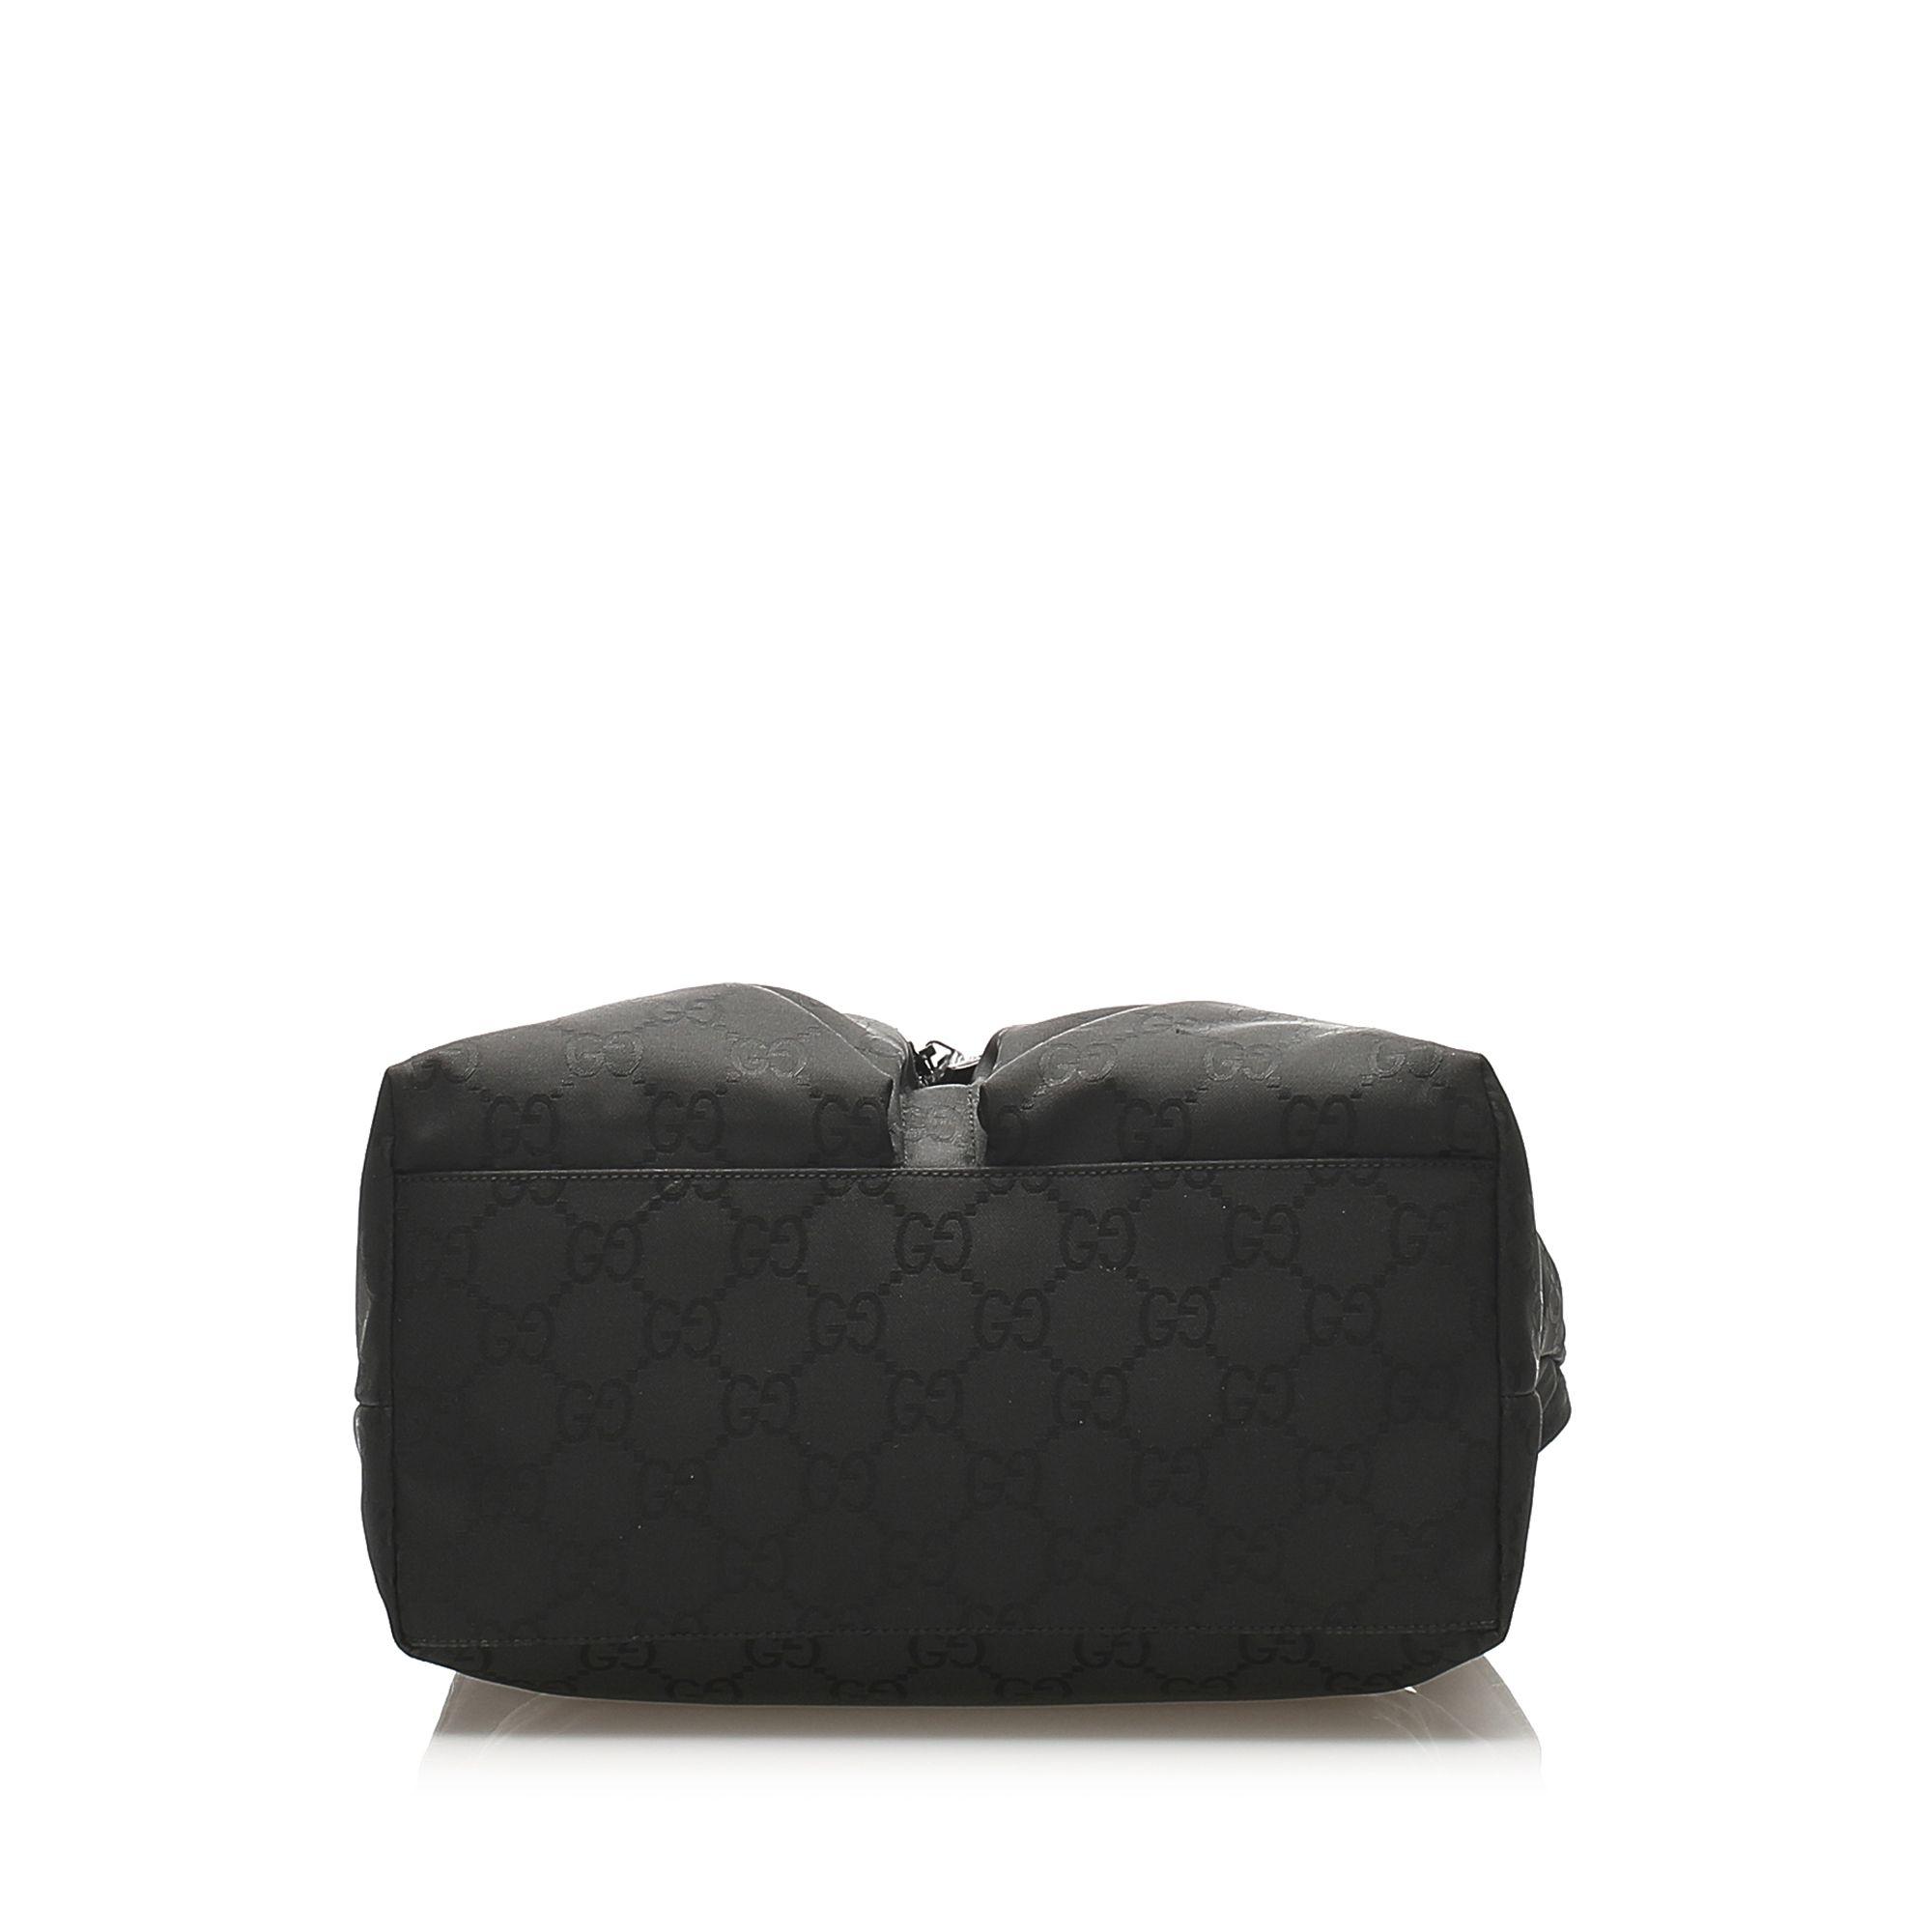 Vintage Gucci GG Nylon Shoulder Bag Black